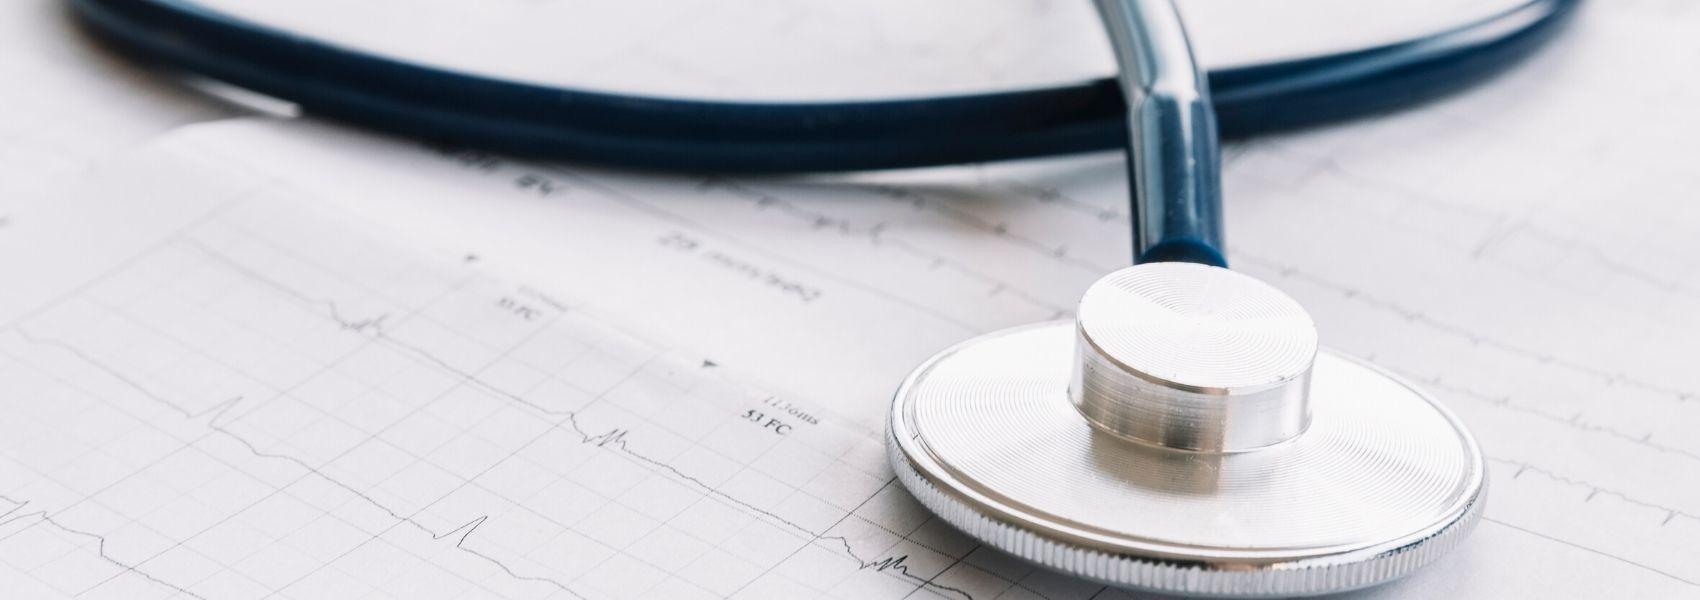 pandemia e doenças cardiovasculares